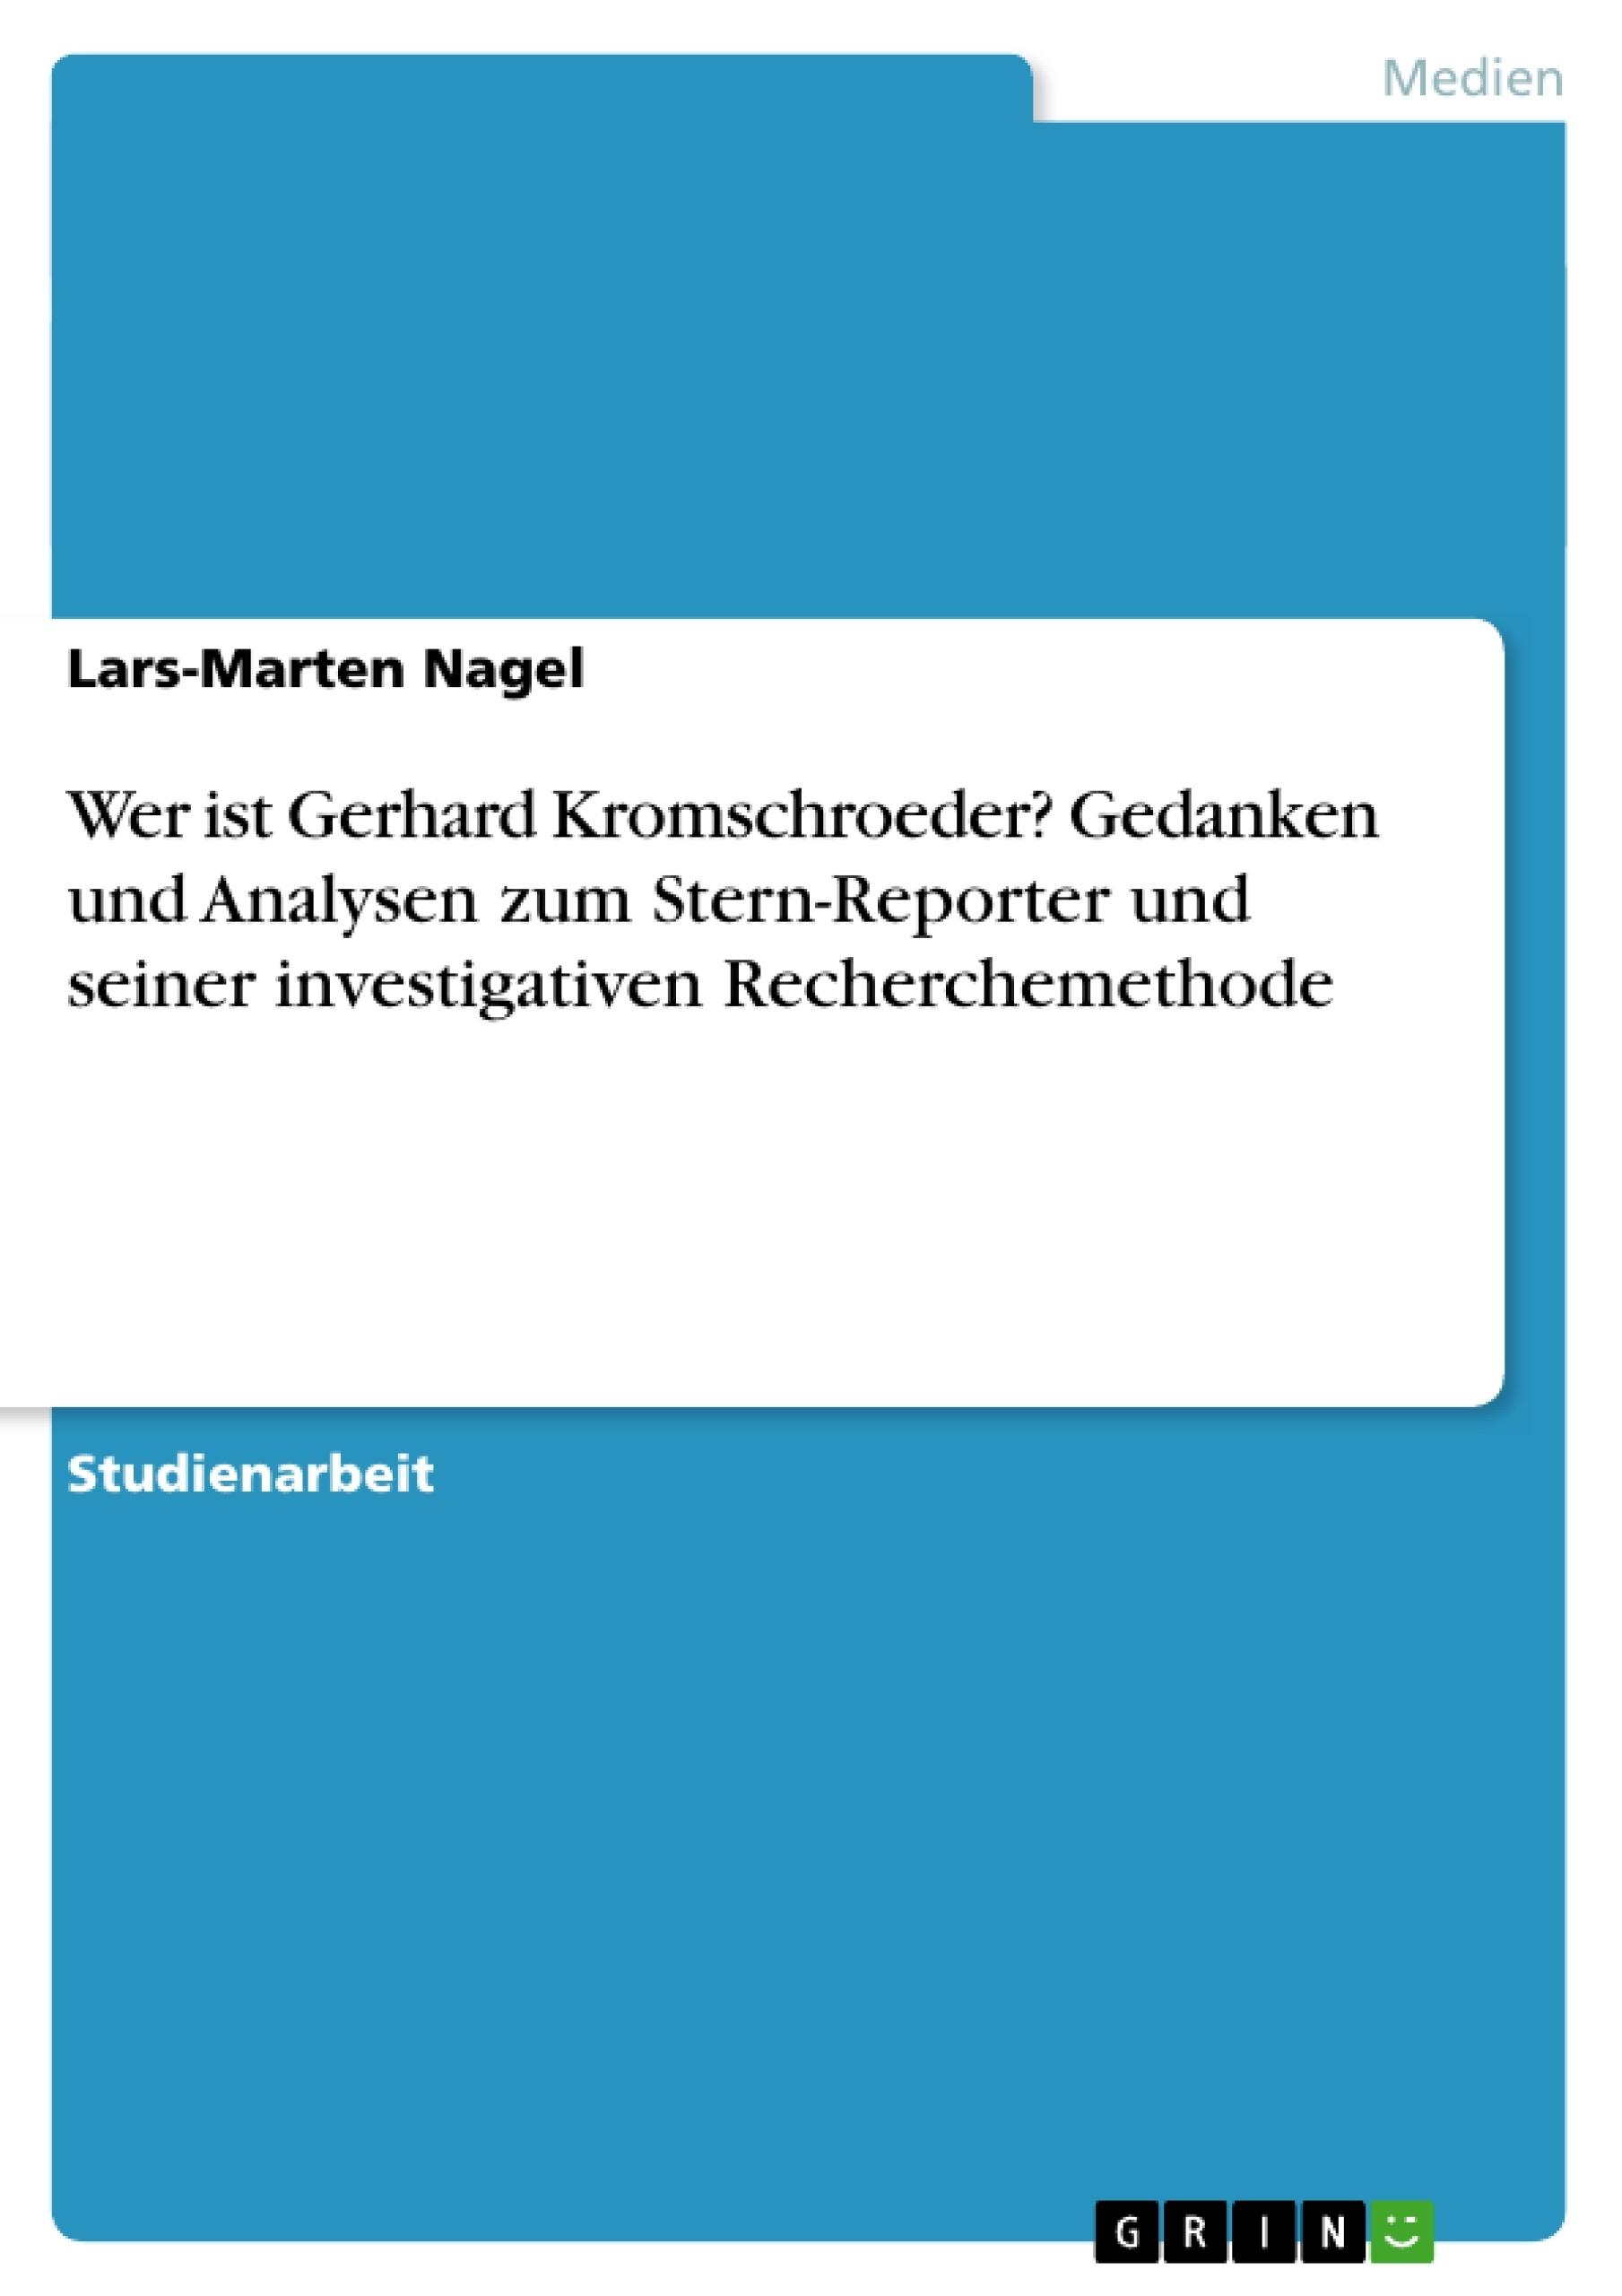 Titel: Wer ist Gerhard Kromschroeder? Gedanken und Analysen zum Stern-Reporter und seiner investigativen Recherchemethode